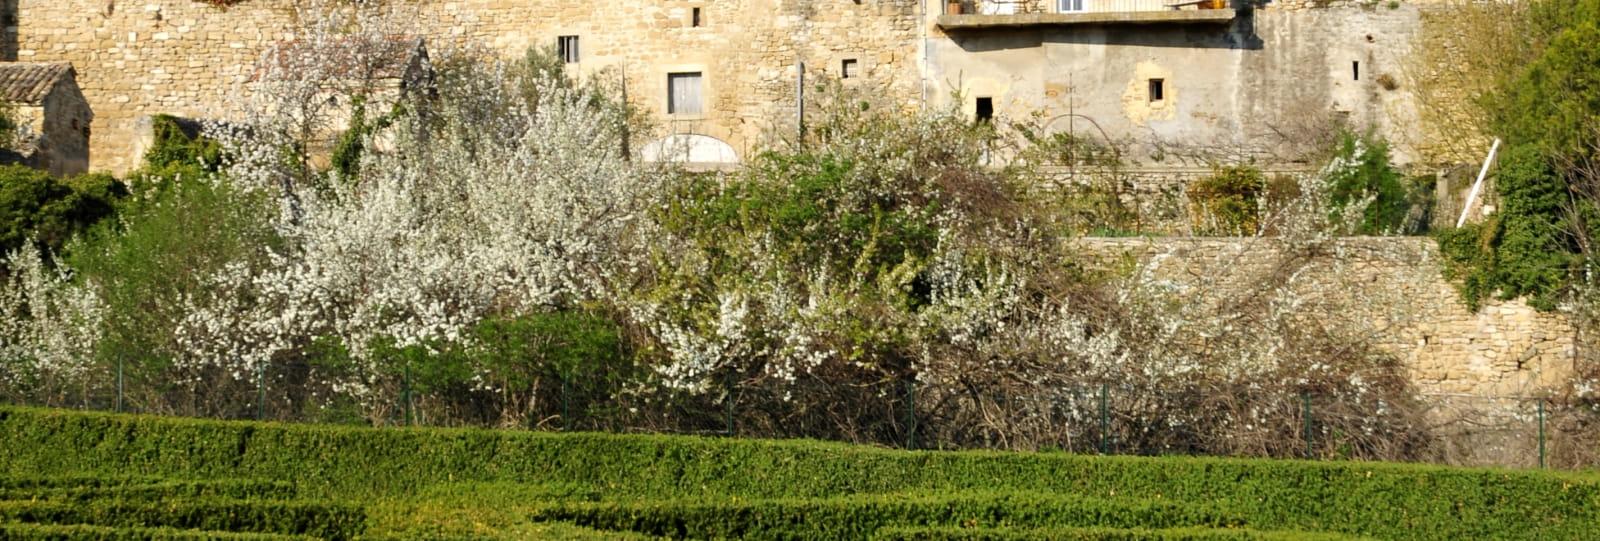 Labyrinthe et château - Grignan, 1000 ans d'histoire